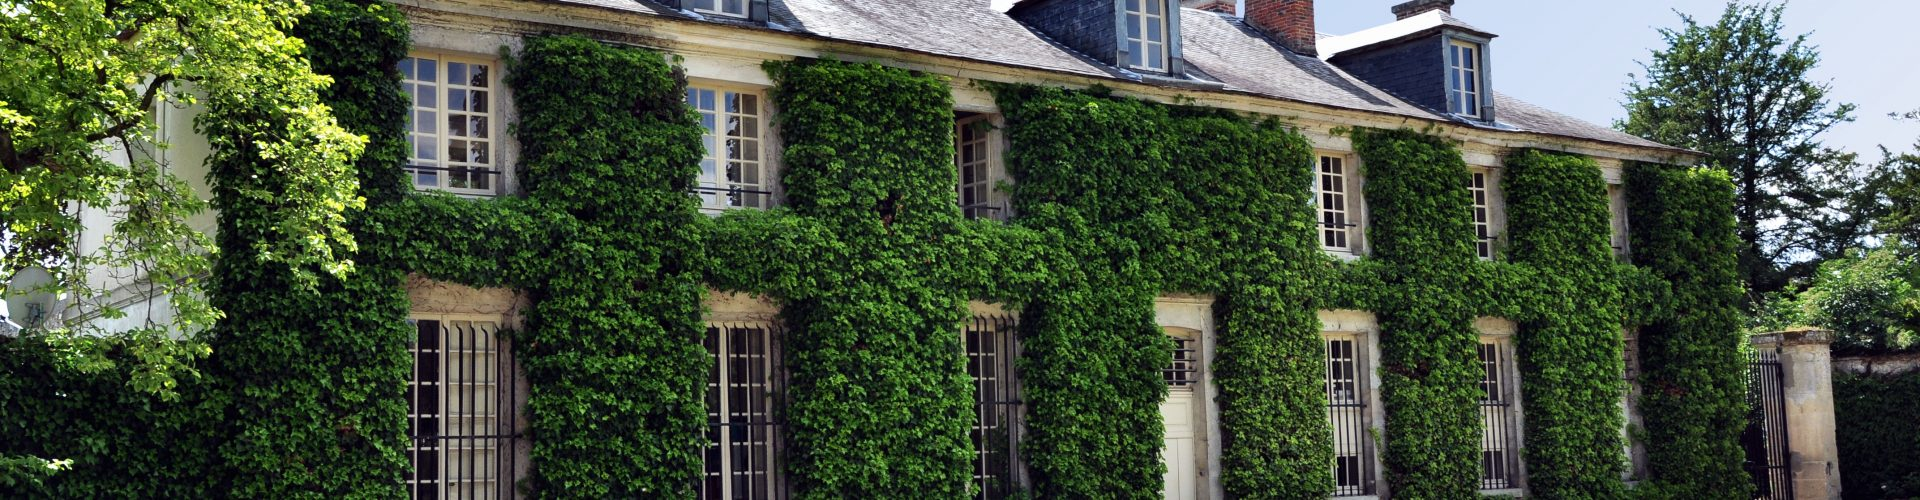 Été comme hiver, comment maintenir une habitation bien isolée ?